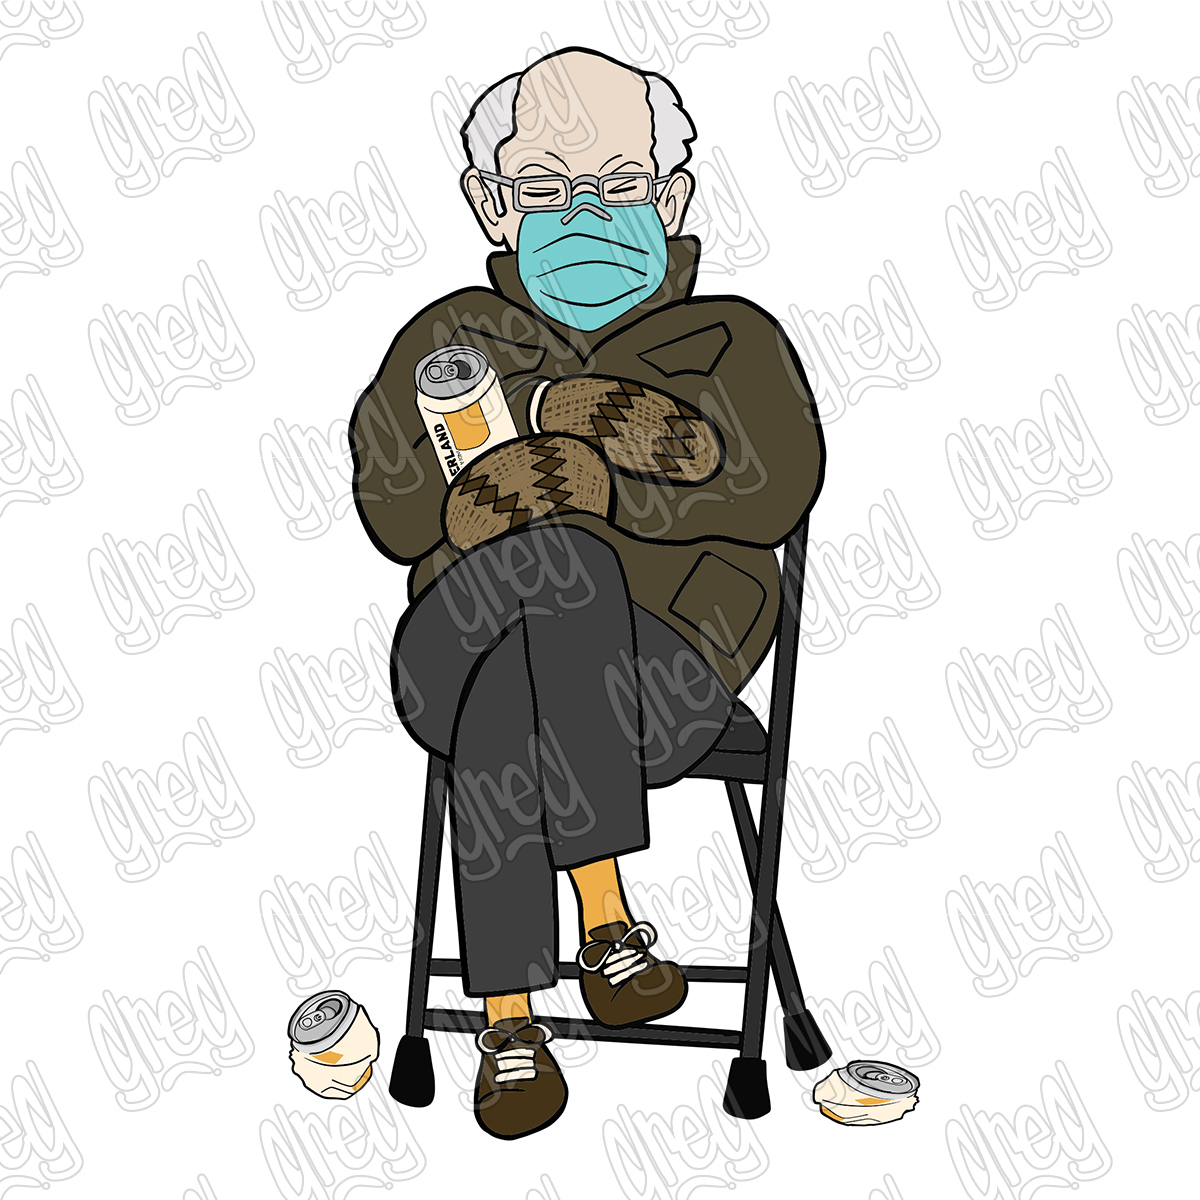 Bernie Sanders Cartoon by Greg Culver